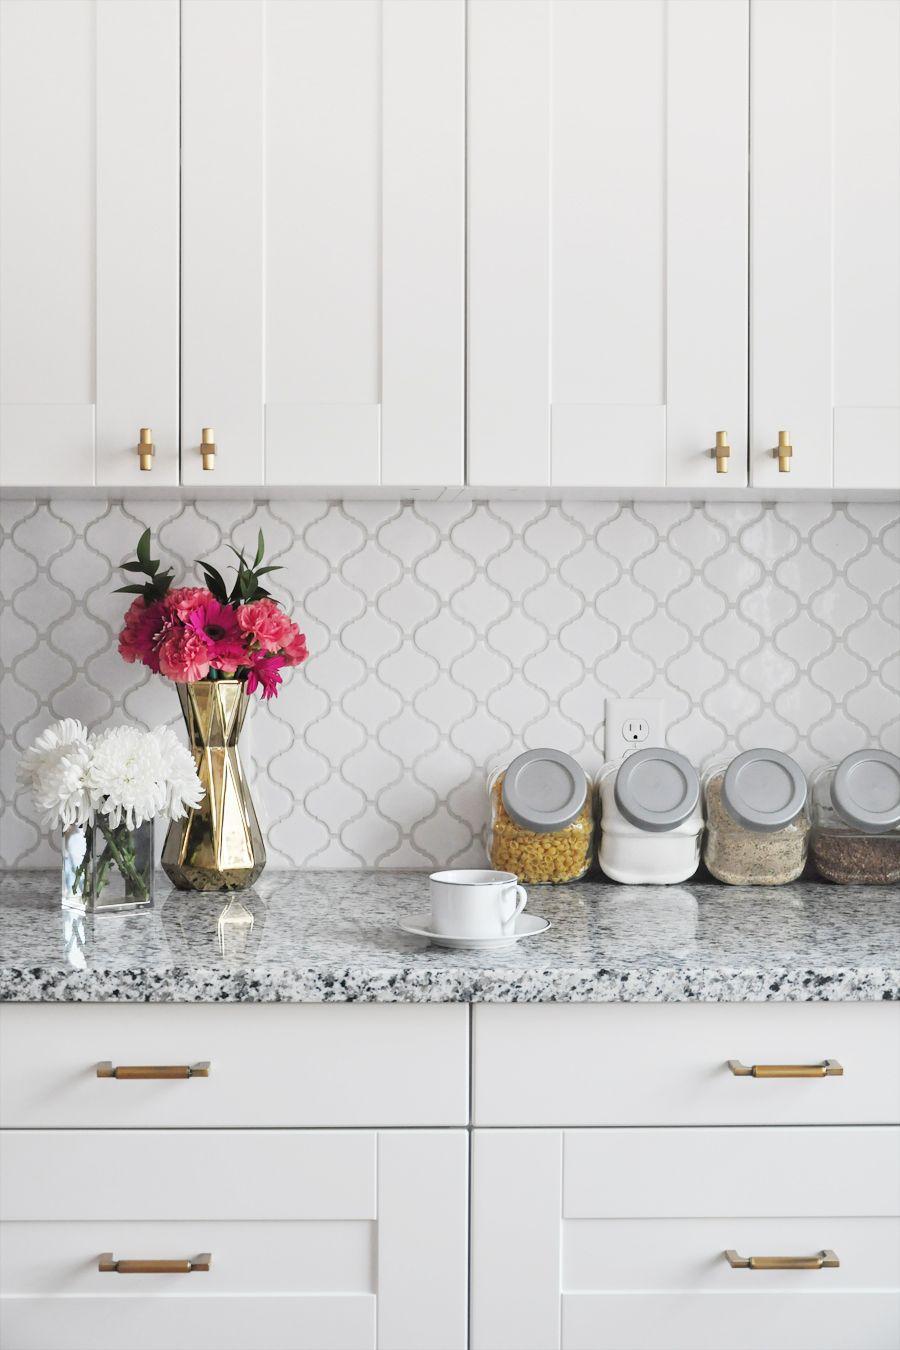 kitchen backsplash trends How To Tile a Kitchen Backsplash DIY Tutorial